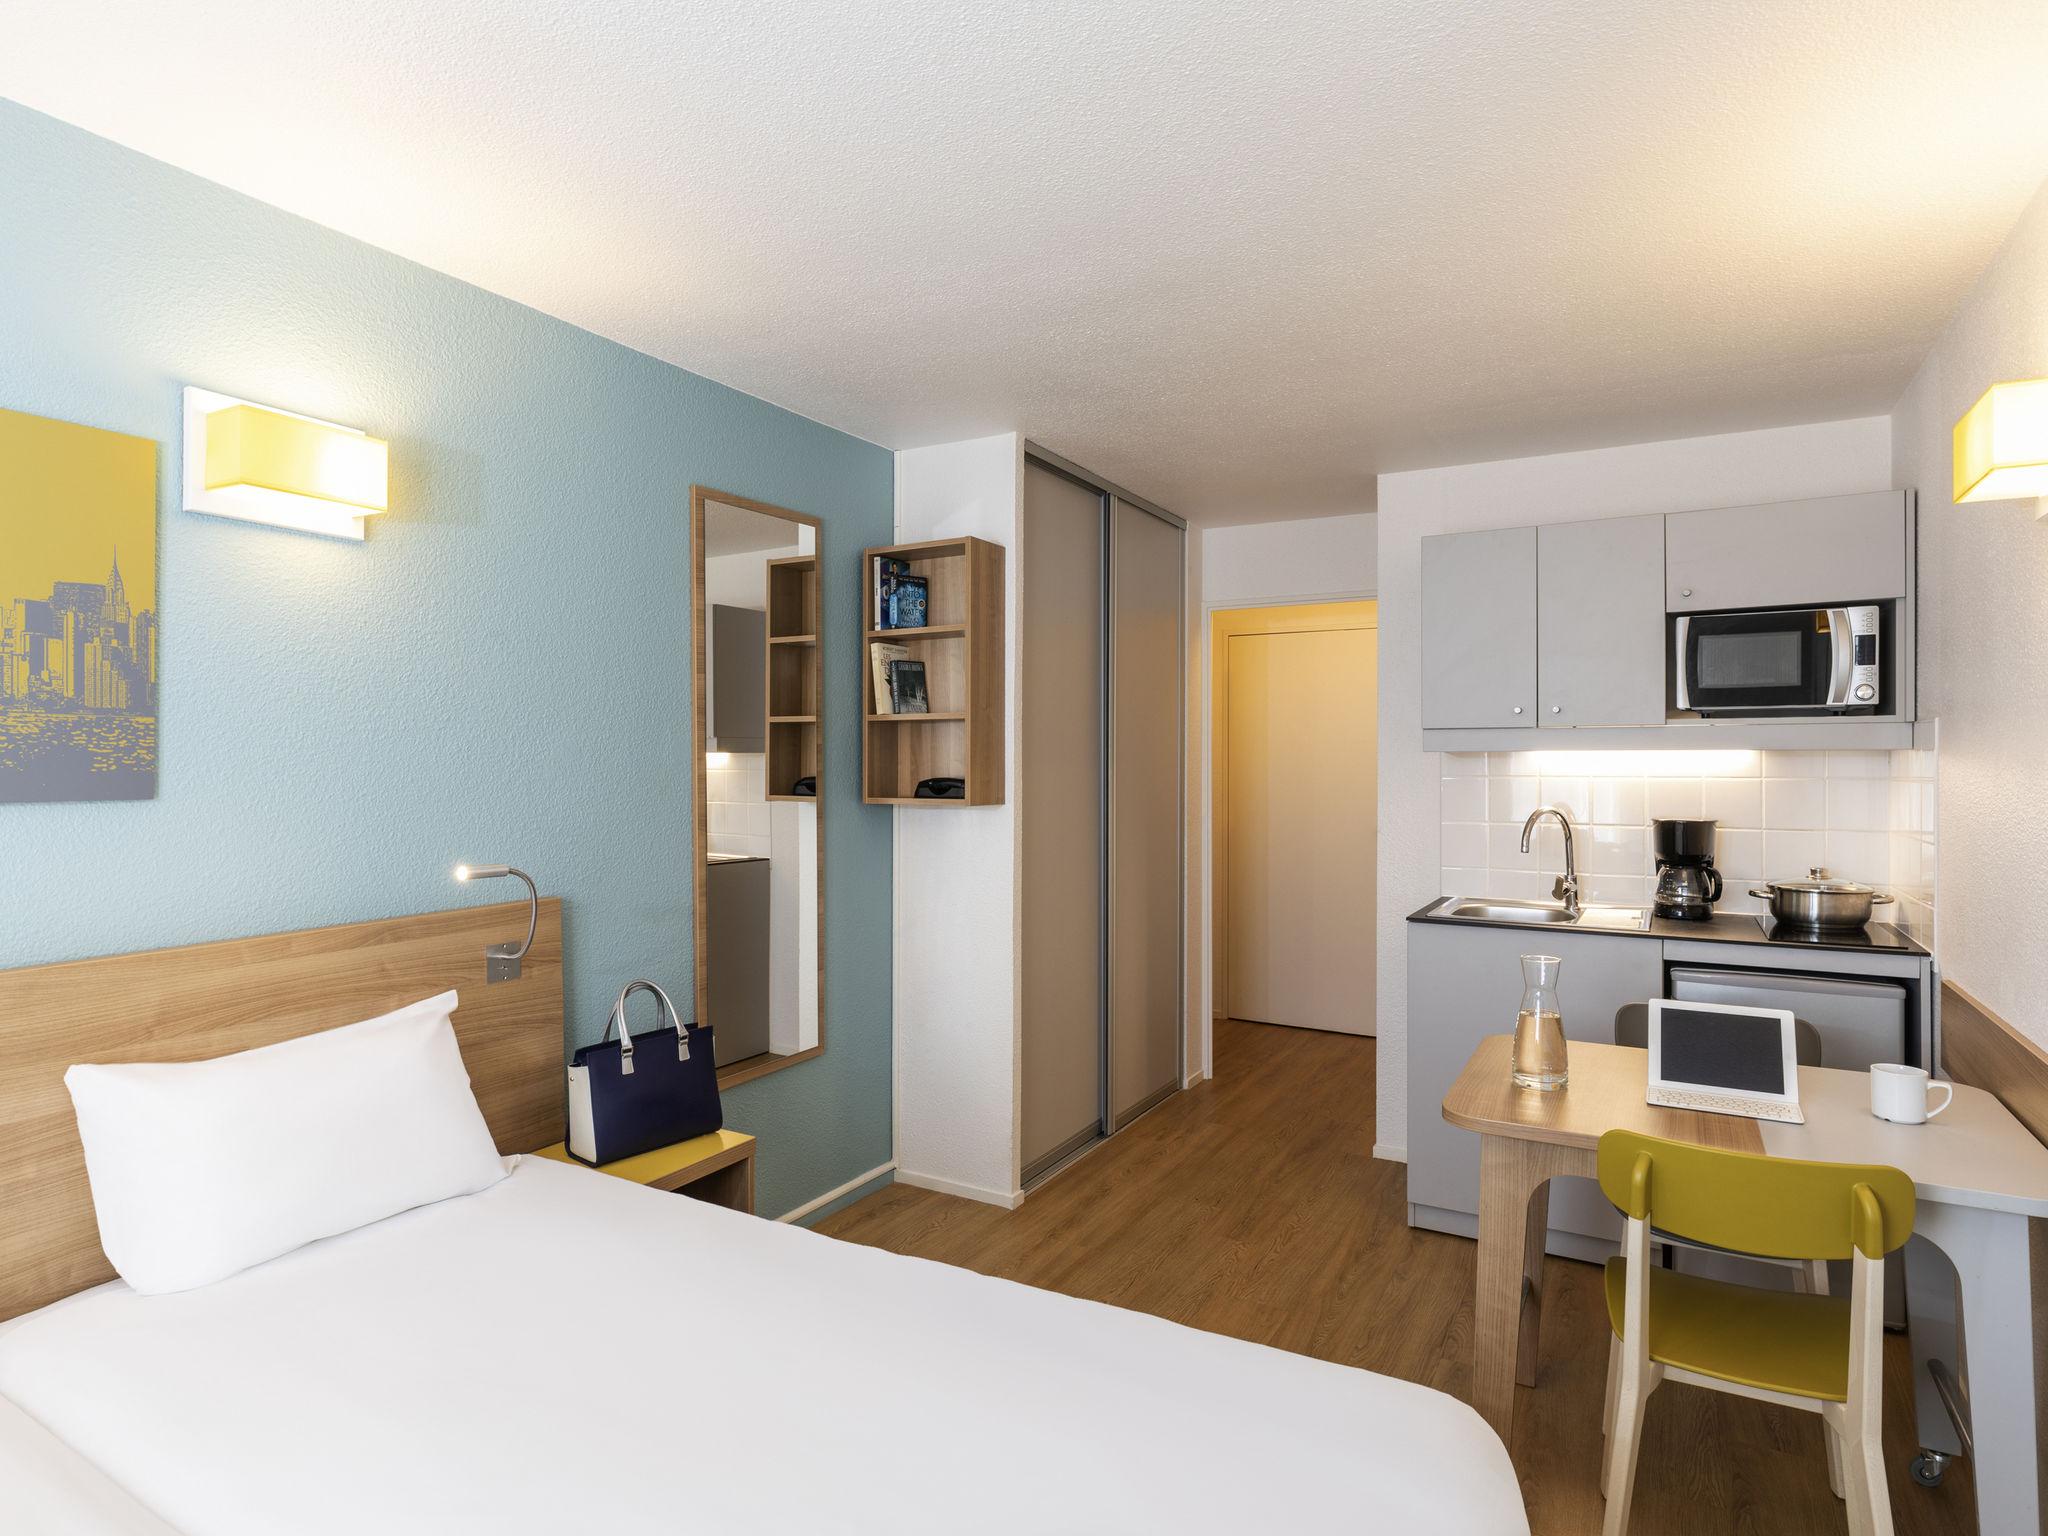 فندق - الشقق الفندقية أداجيو أكسس Adagio access لاديفانس بلاس شارا